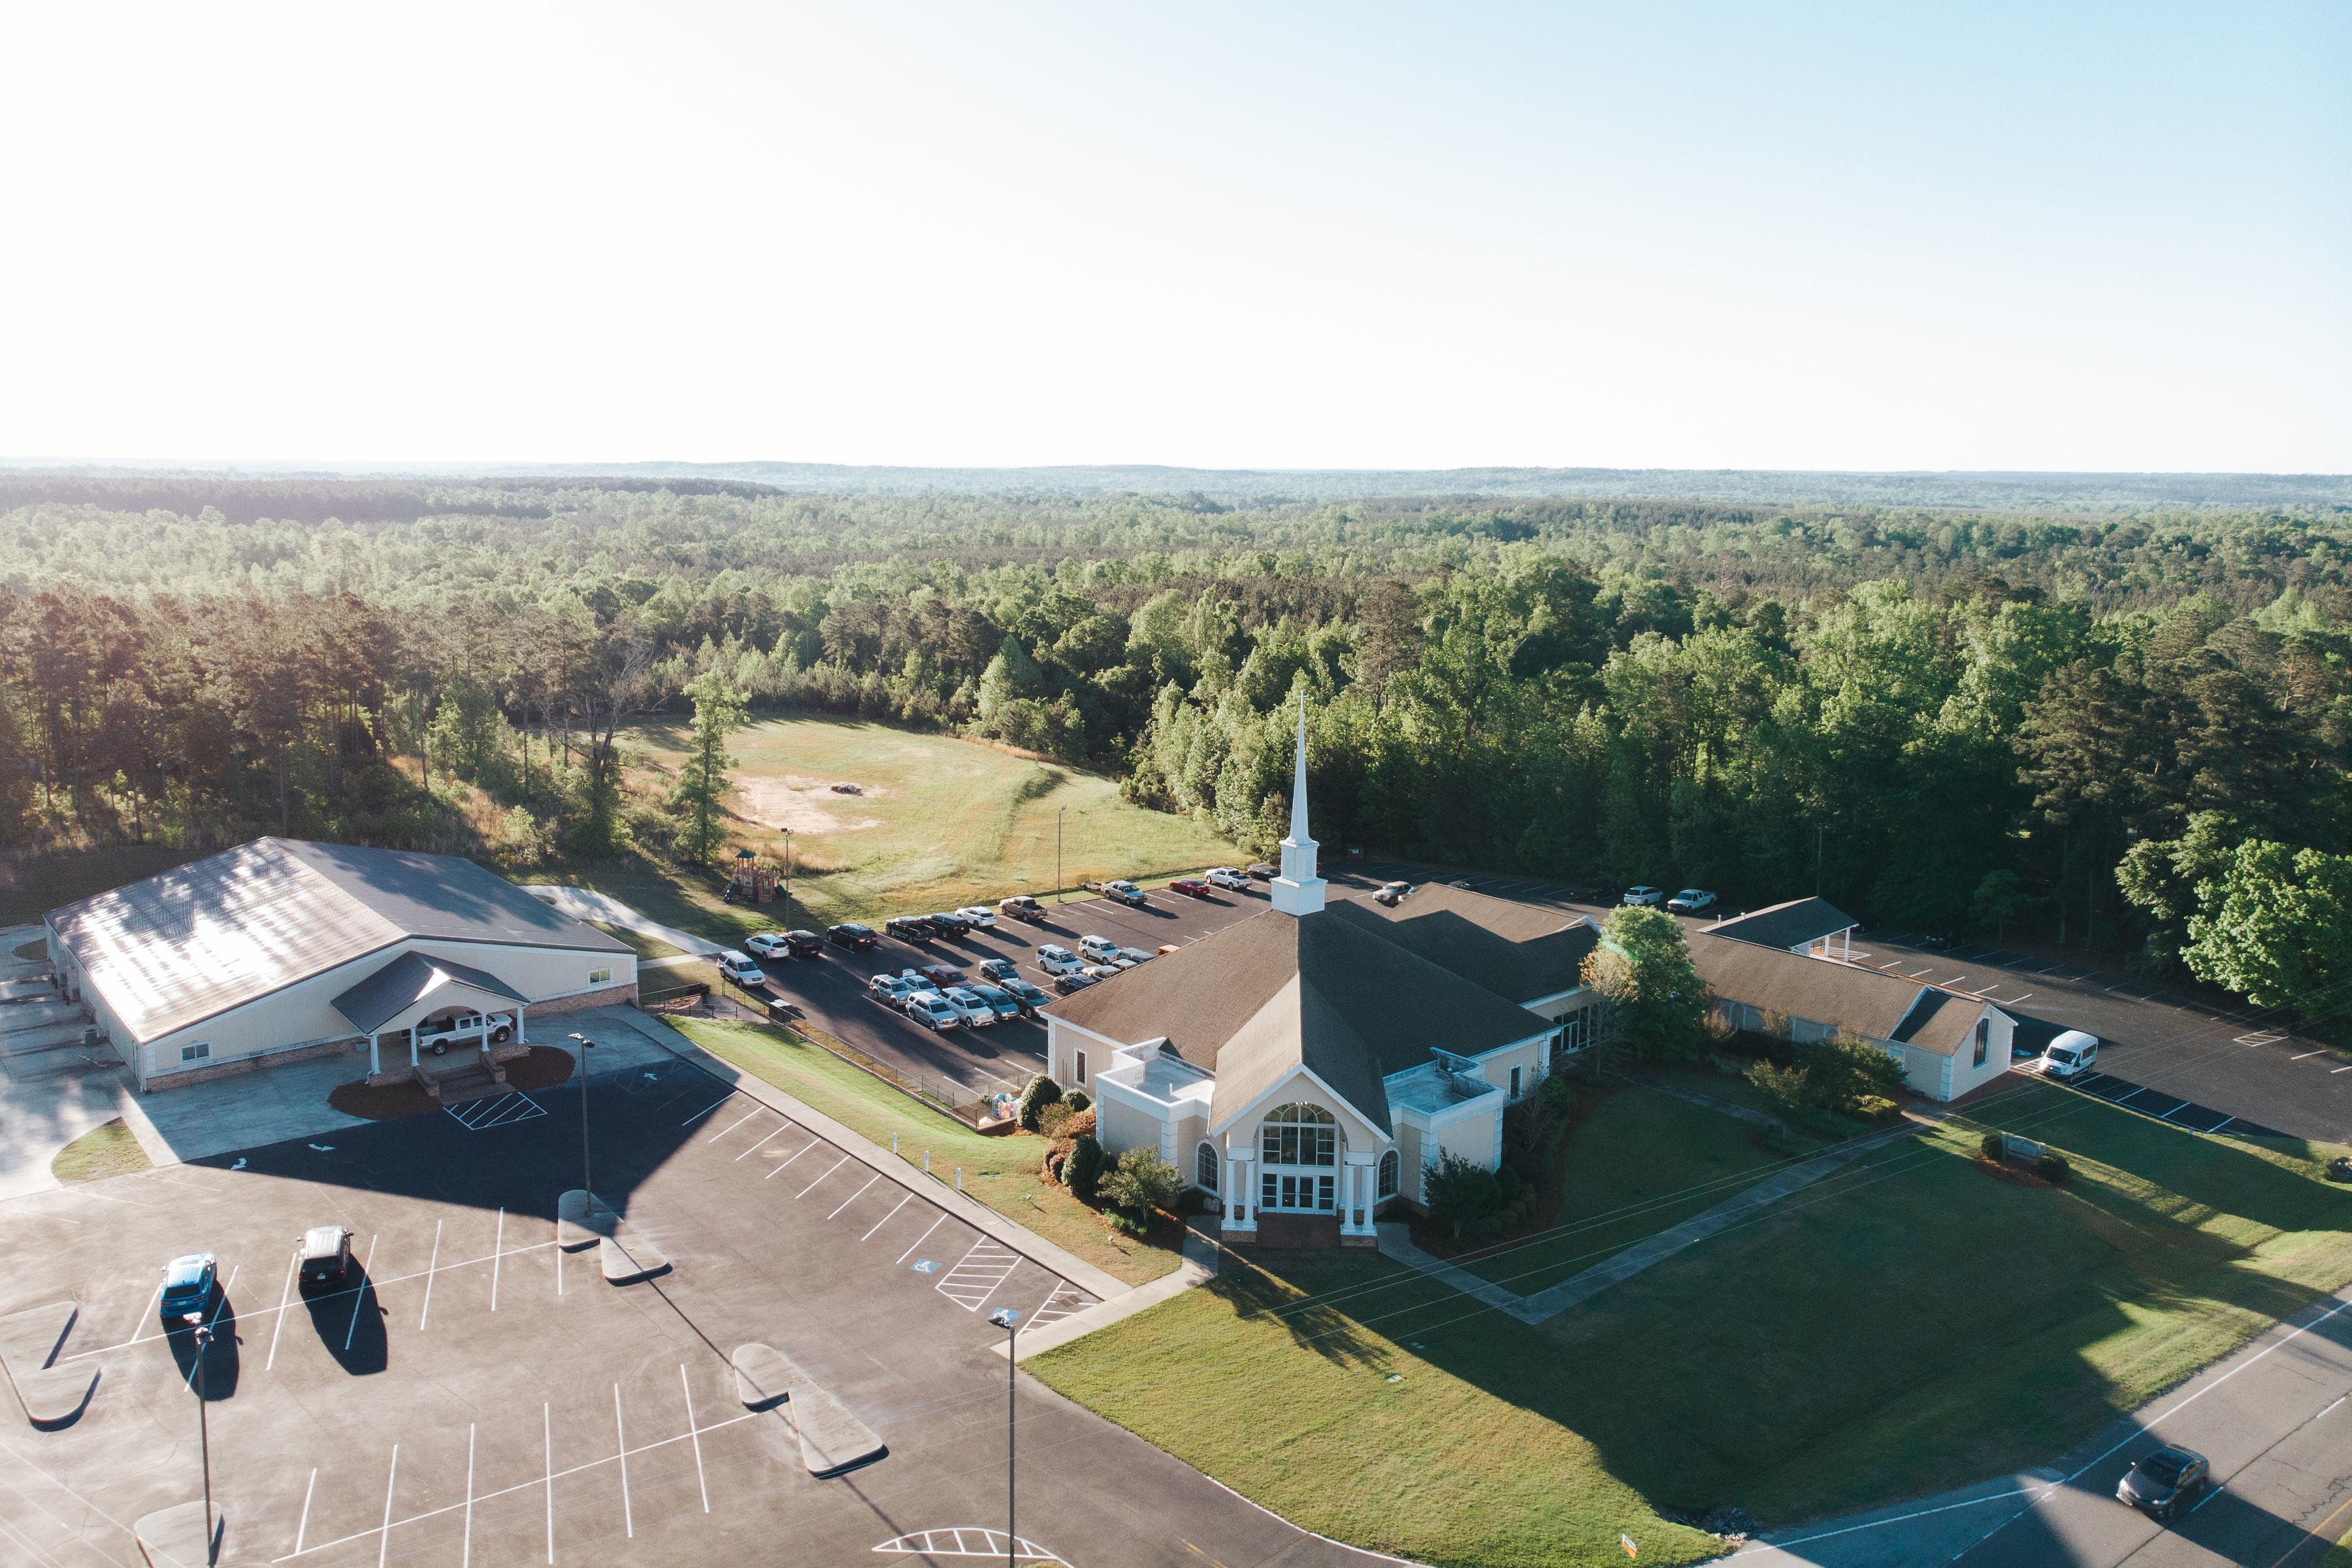 GA, Butler - BETHEL CONGREGATIONAL METHODIST CHURCH